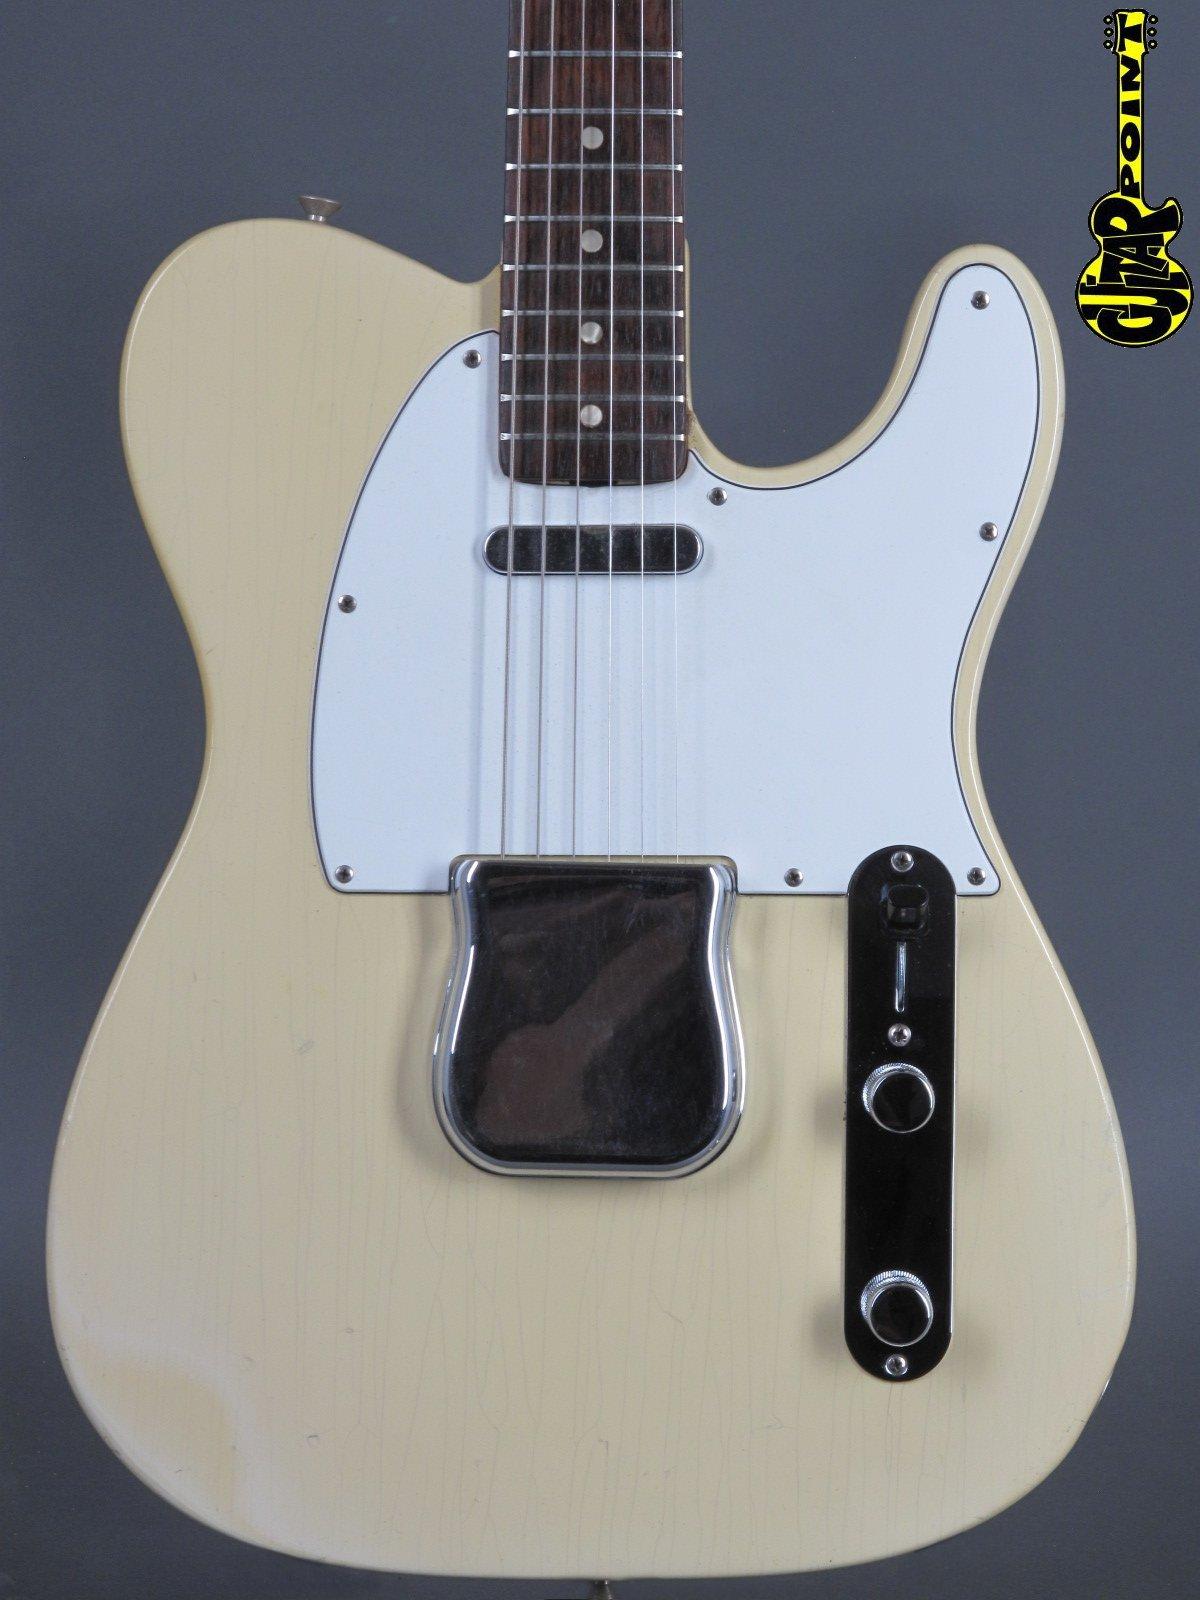 1966 Fender Telecaster - Olympic White  ---only 3,12KG!